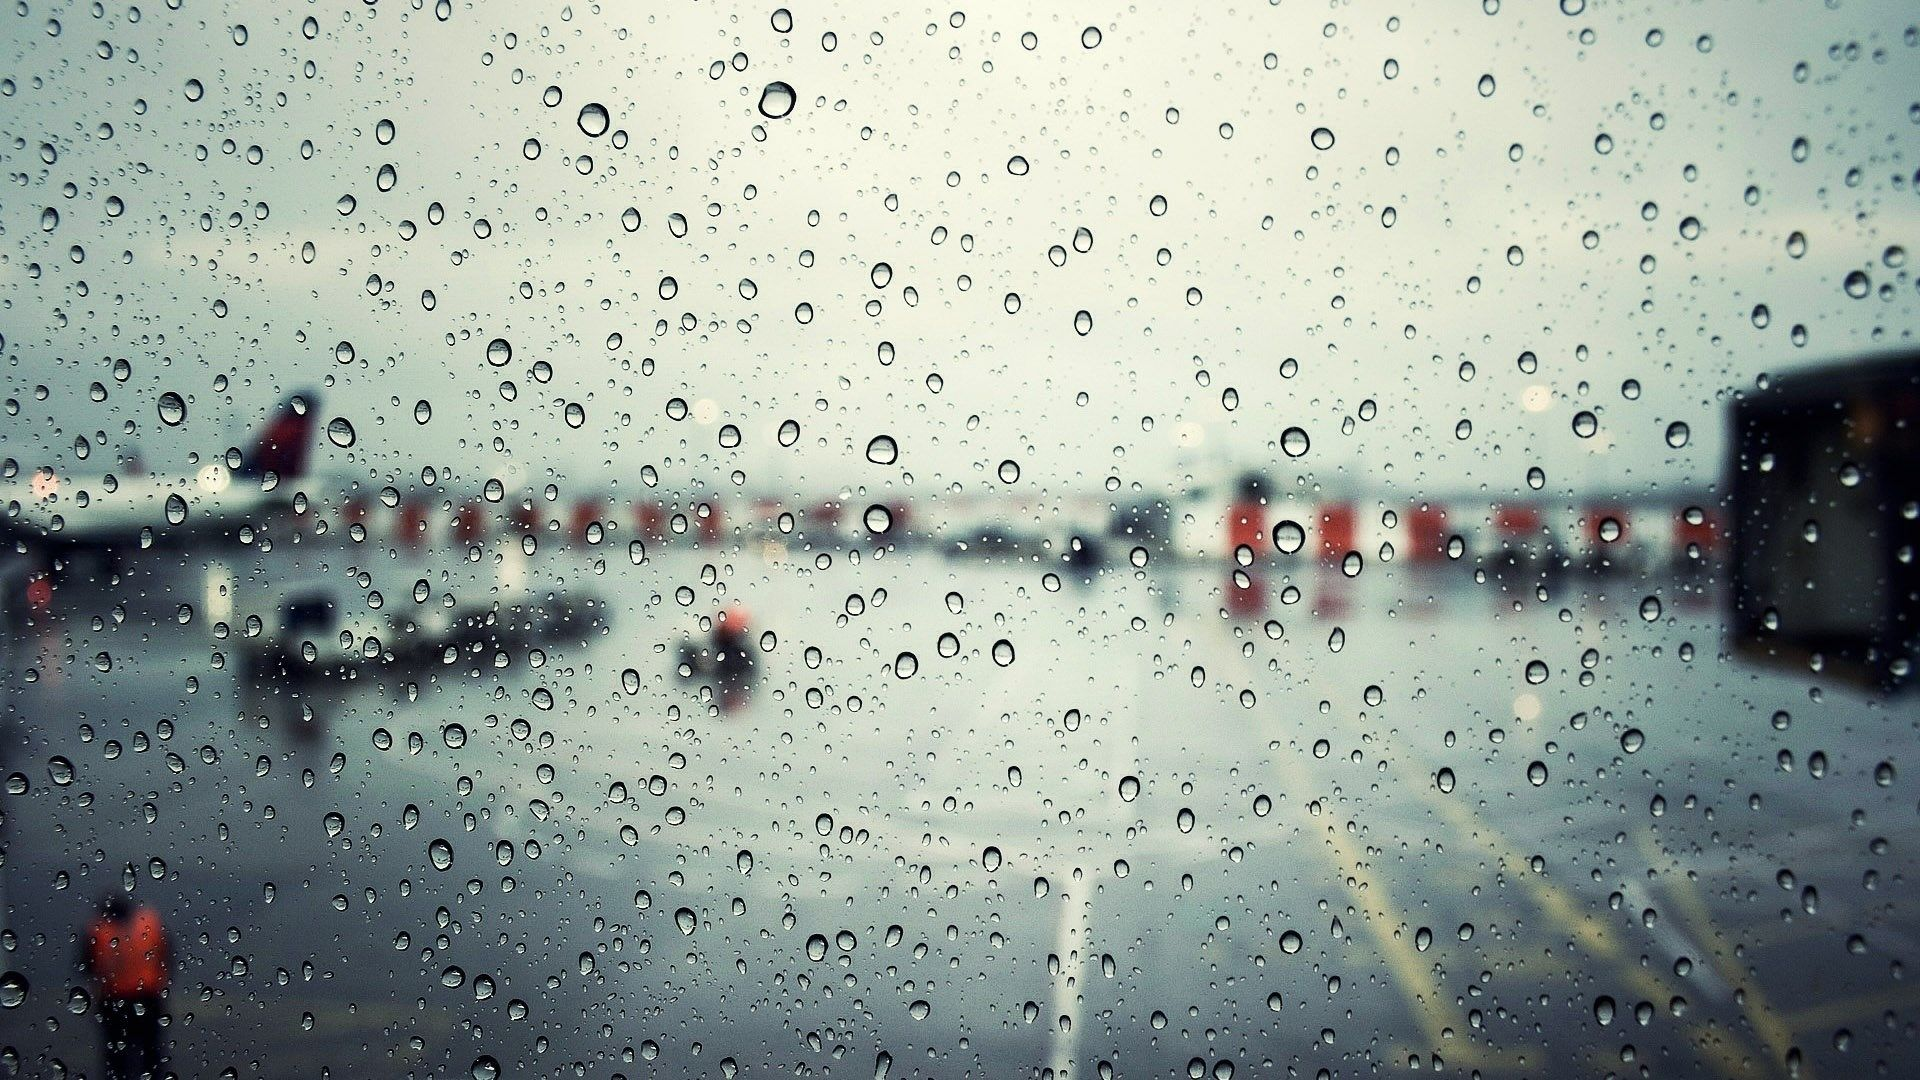 Rain Window Wallpaper Full Hd